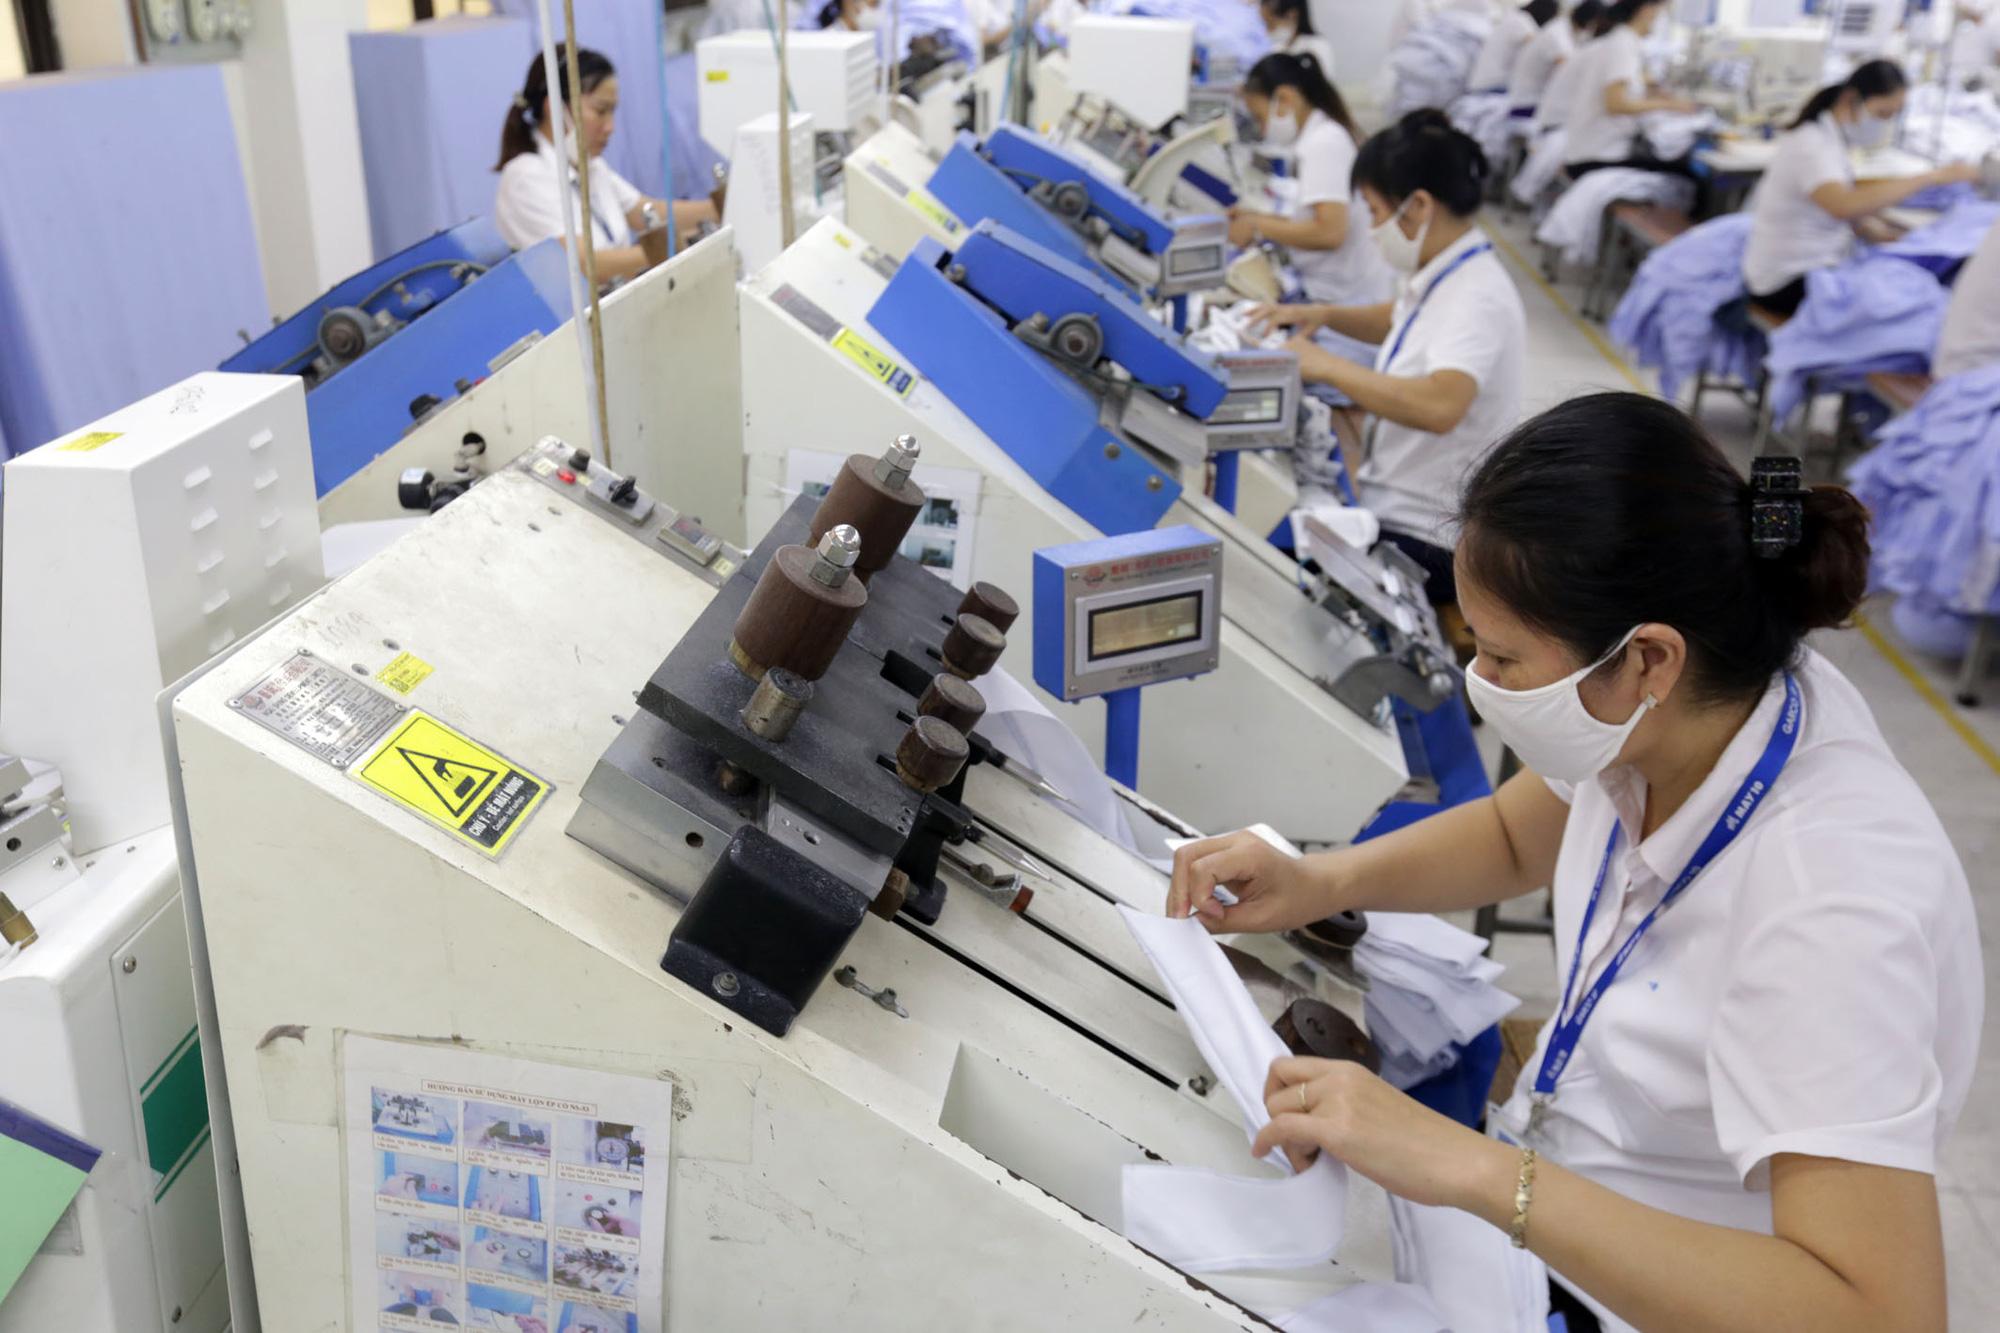 Các doanh nghiệp tham gia đóng Bảo hiểm thất nghiệp cho lao động sẽ được giảm mức đóng từ 1% xuống còn 0%. ẢNh: công ty May 10 - N.T